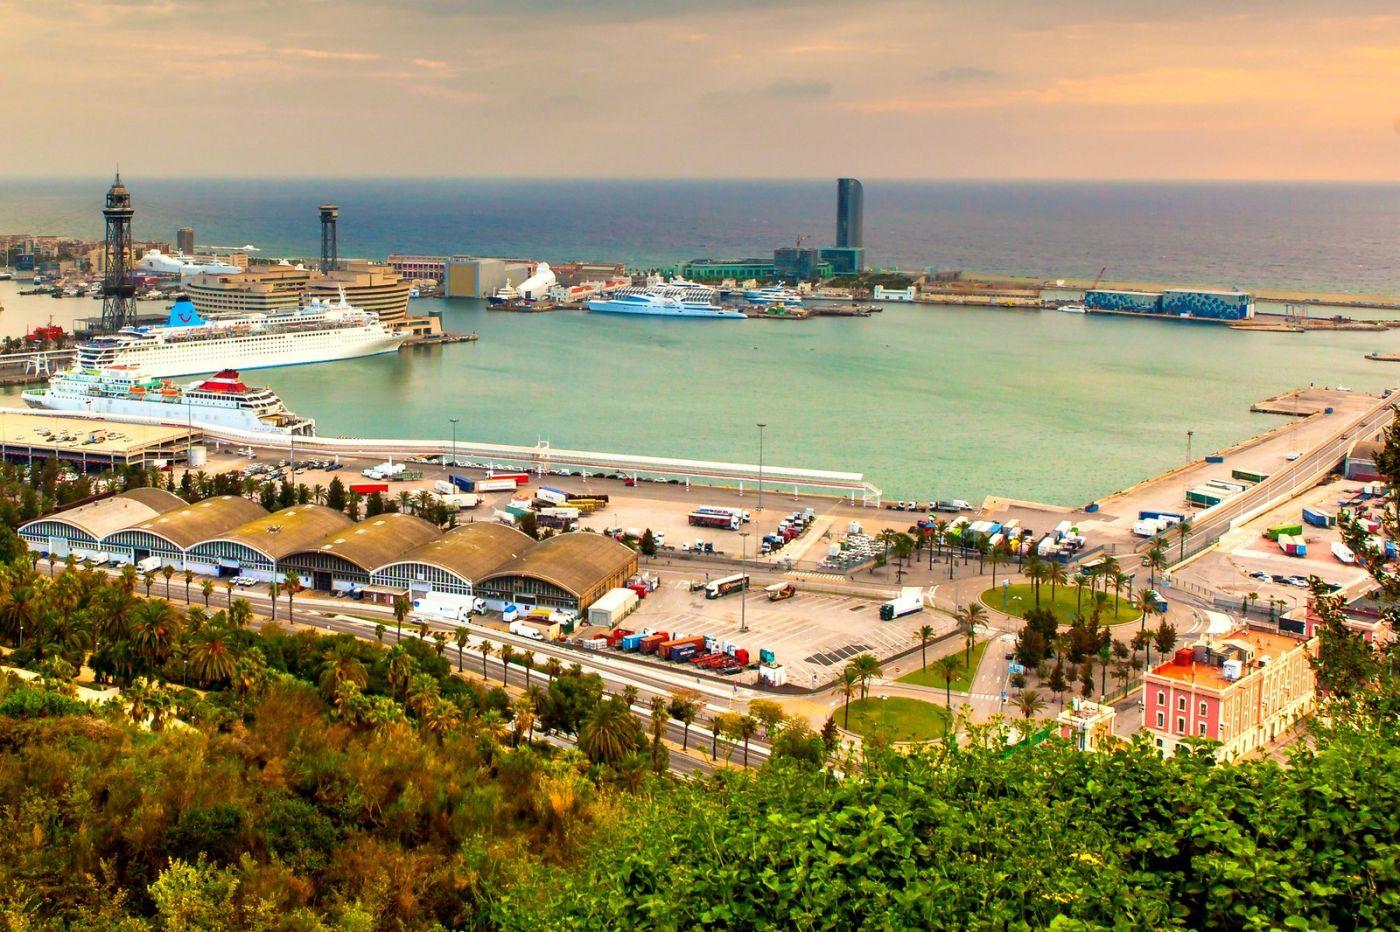 西班牙小岛,鸟瞰港景_图1-1